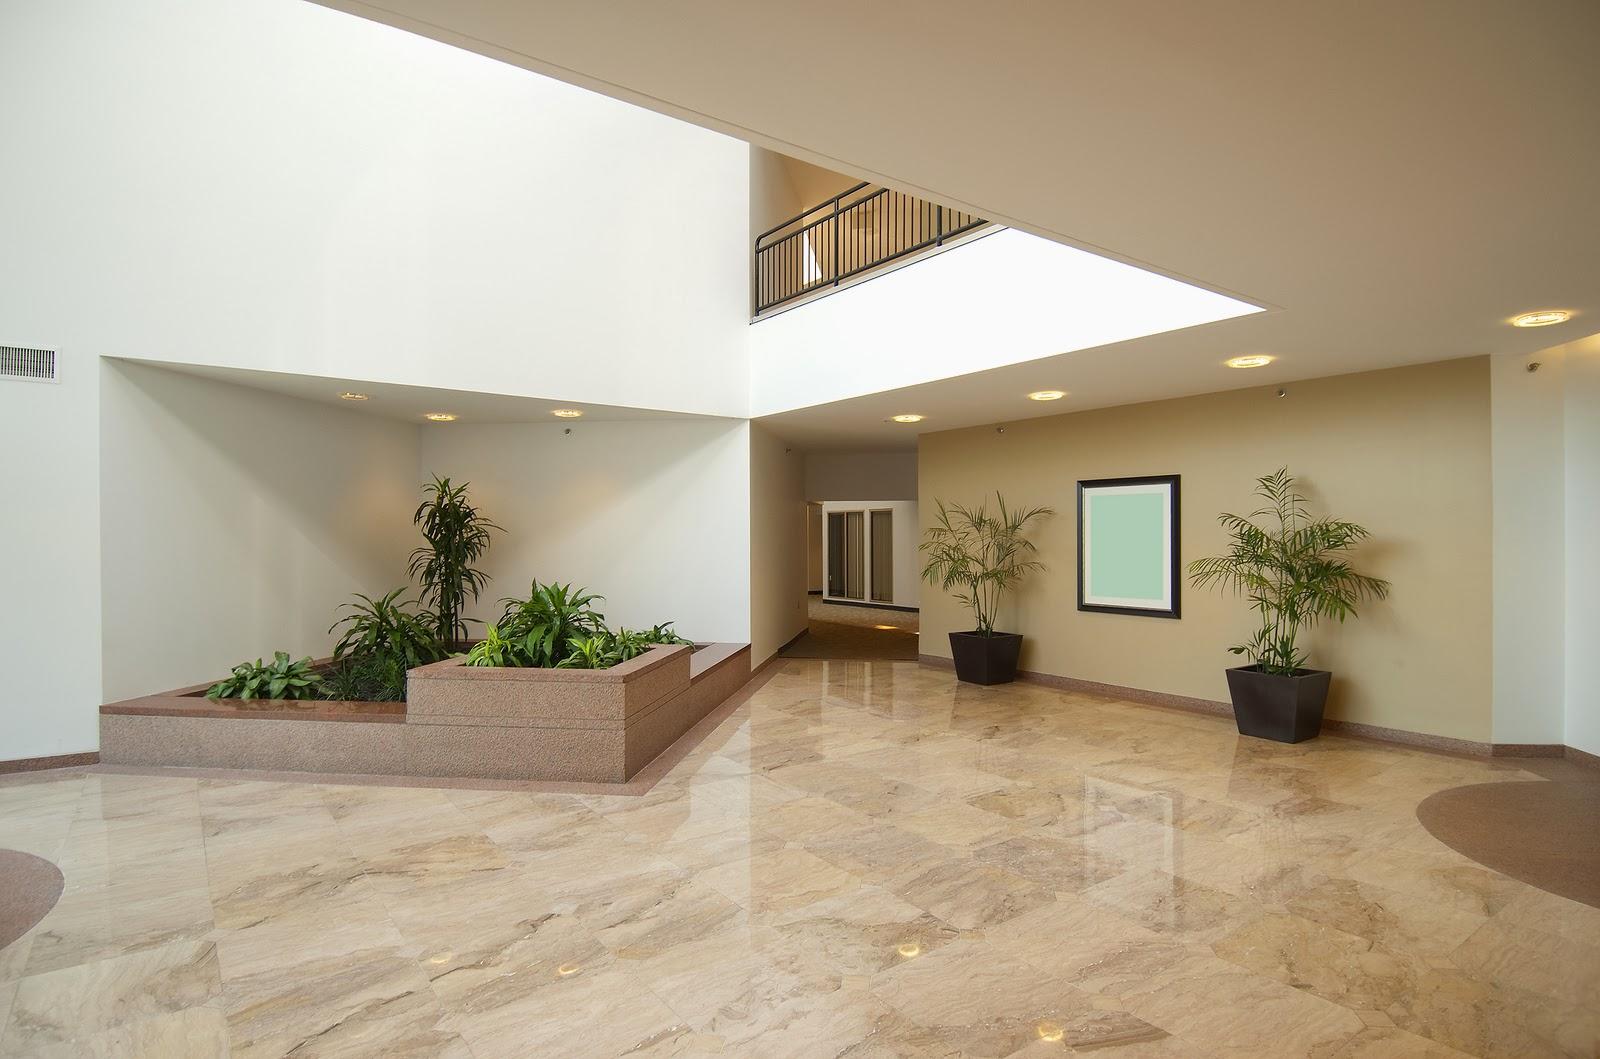 pisos de granito maestro marmol 2012